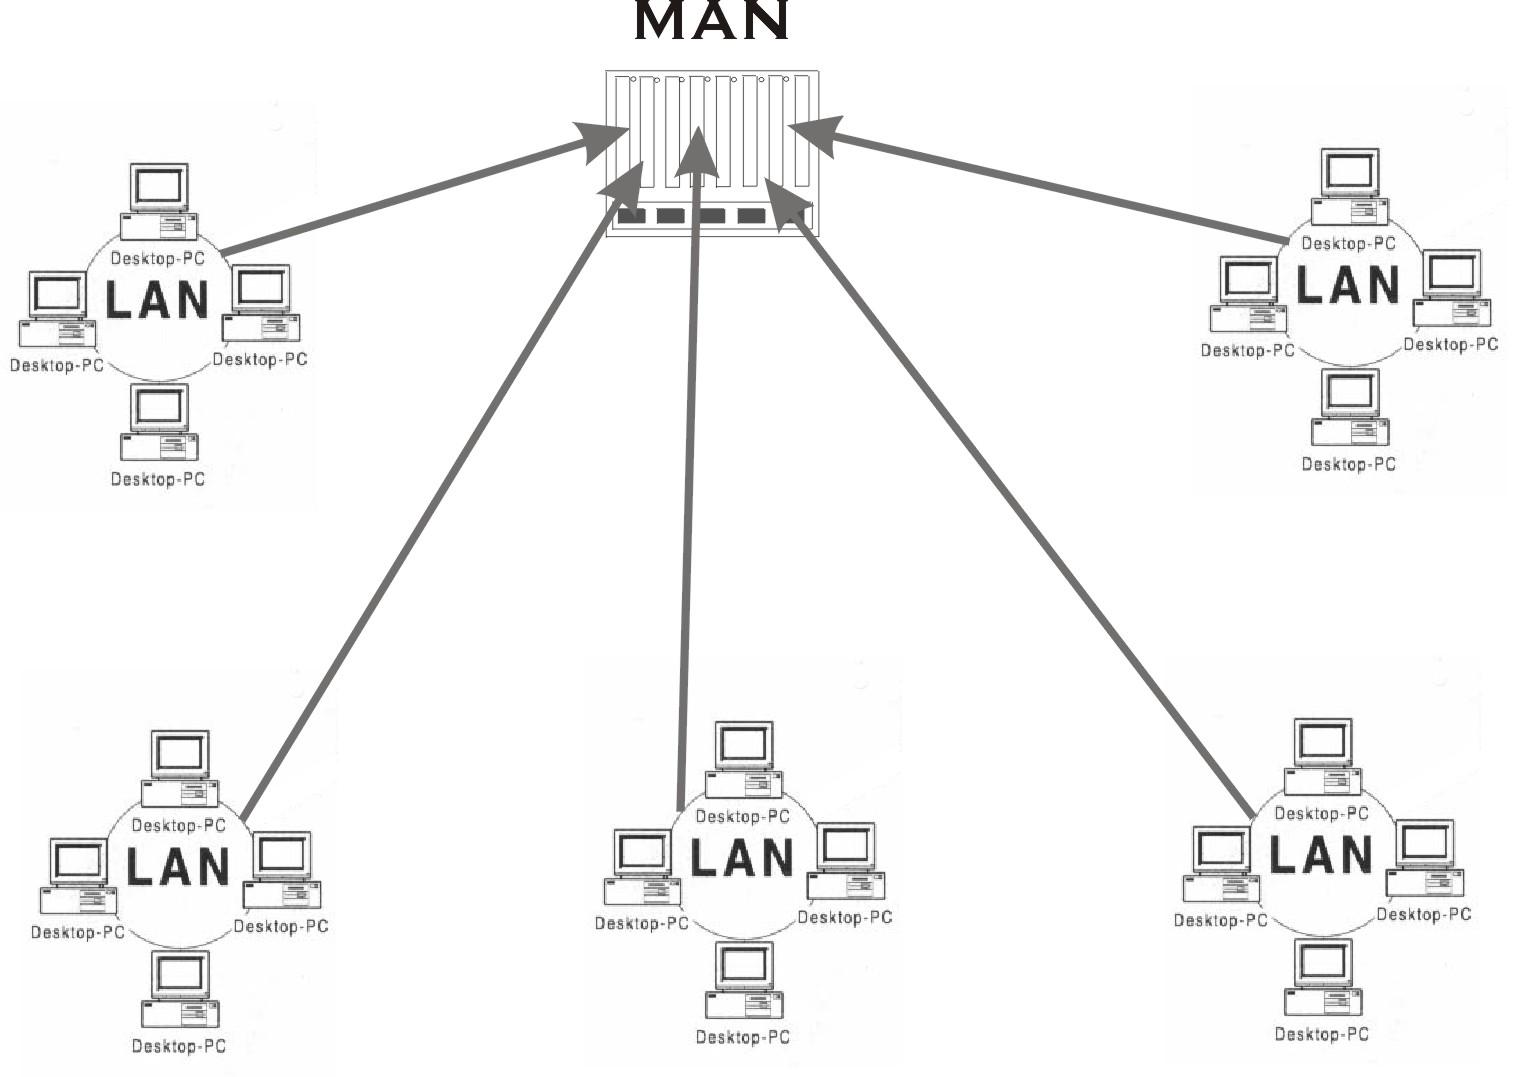 Kelebihan Dan Kekurangan Pada Jaringan Lan Man Wan